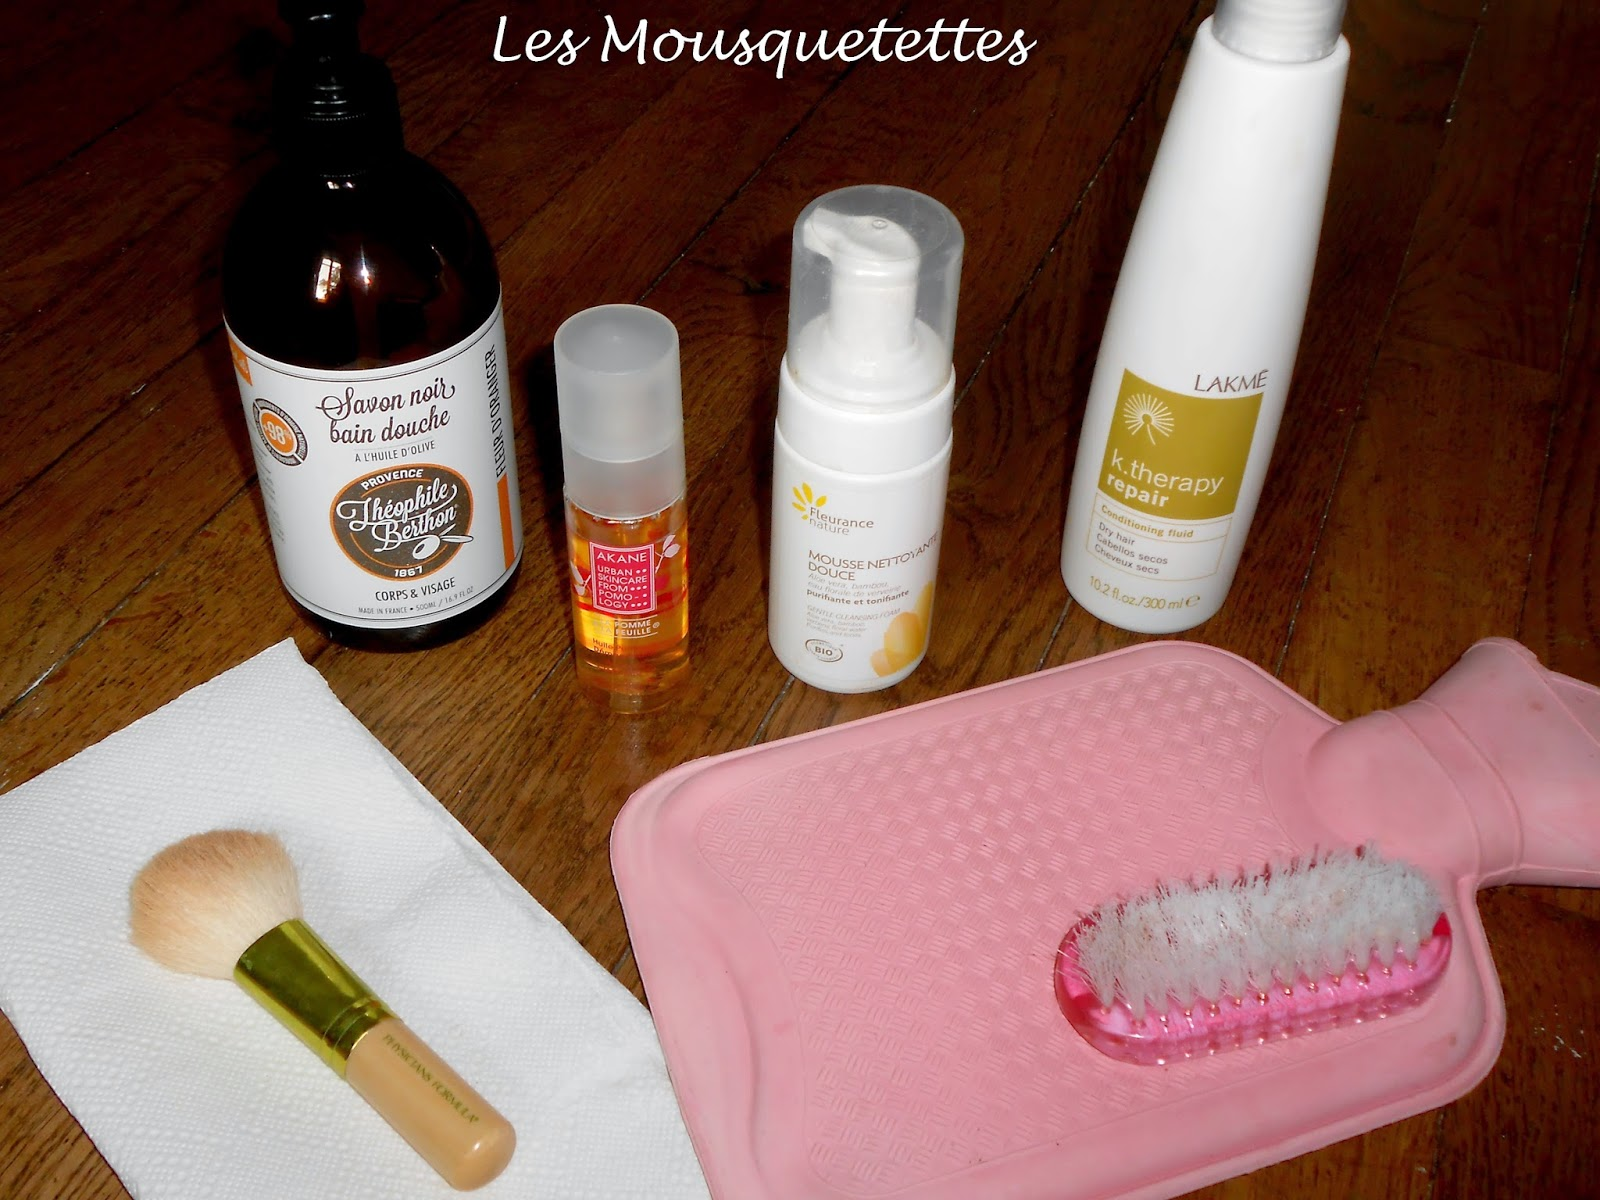 Méthode nettoyage pinceau - Les Mousquetettes©